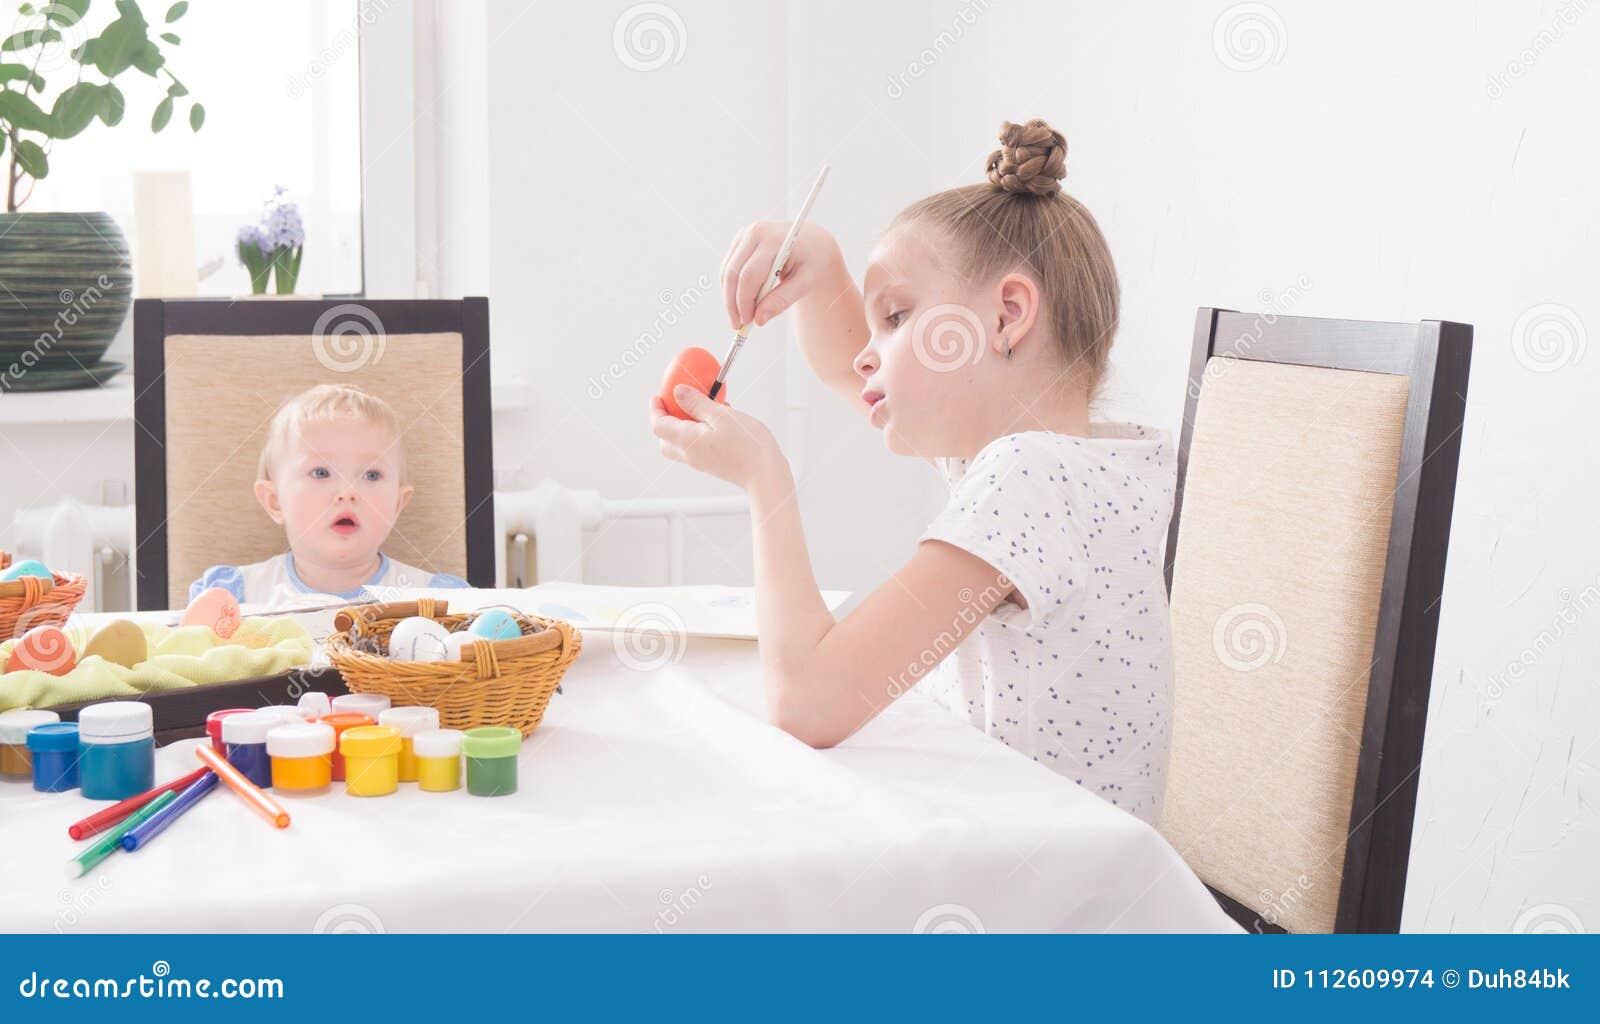 Wielkanoc w rodzinnym okręgu: Dziewczyna maluje Wielkanocnego jajko Młodzi siostra zegarki z entuzjazmem